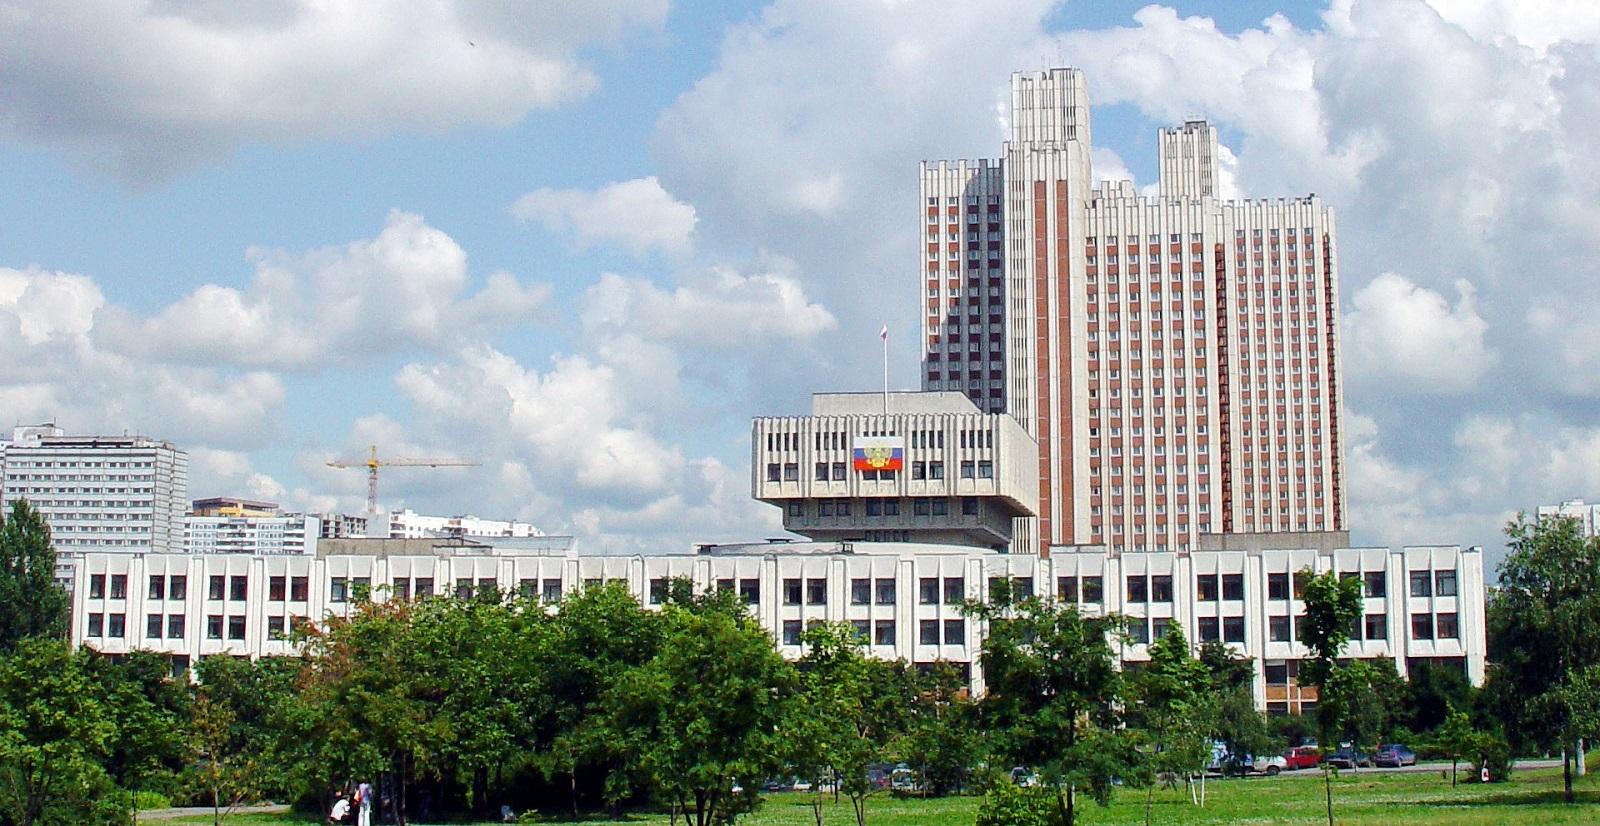 俄罗斯总统国民经济与公共管理学院莫斯科主教学楼